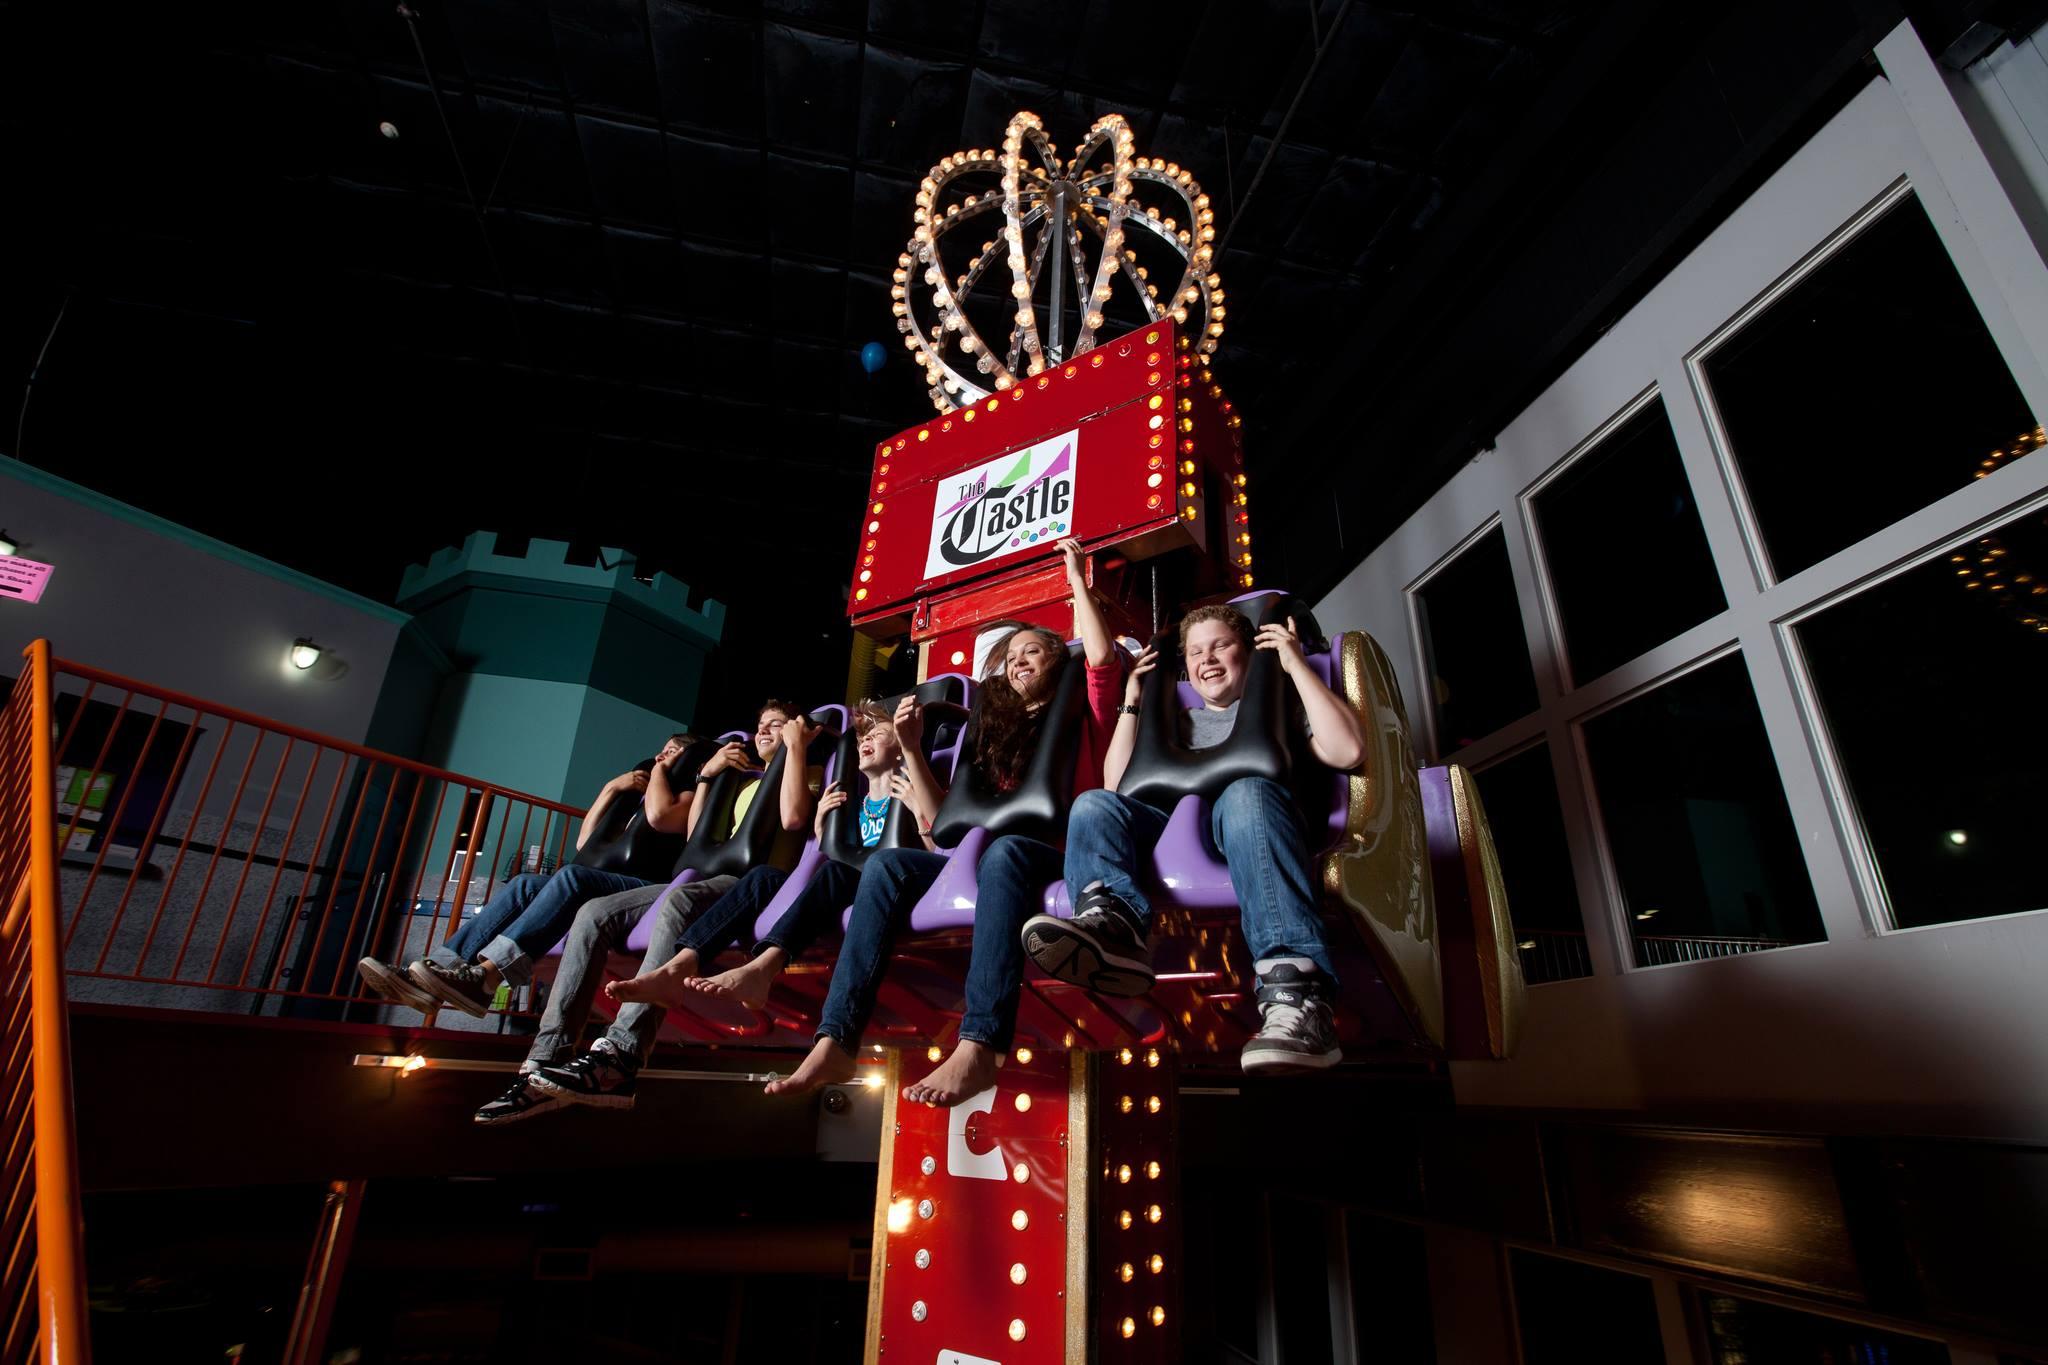 castle-fun-center-free-fall-ride